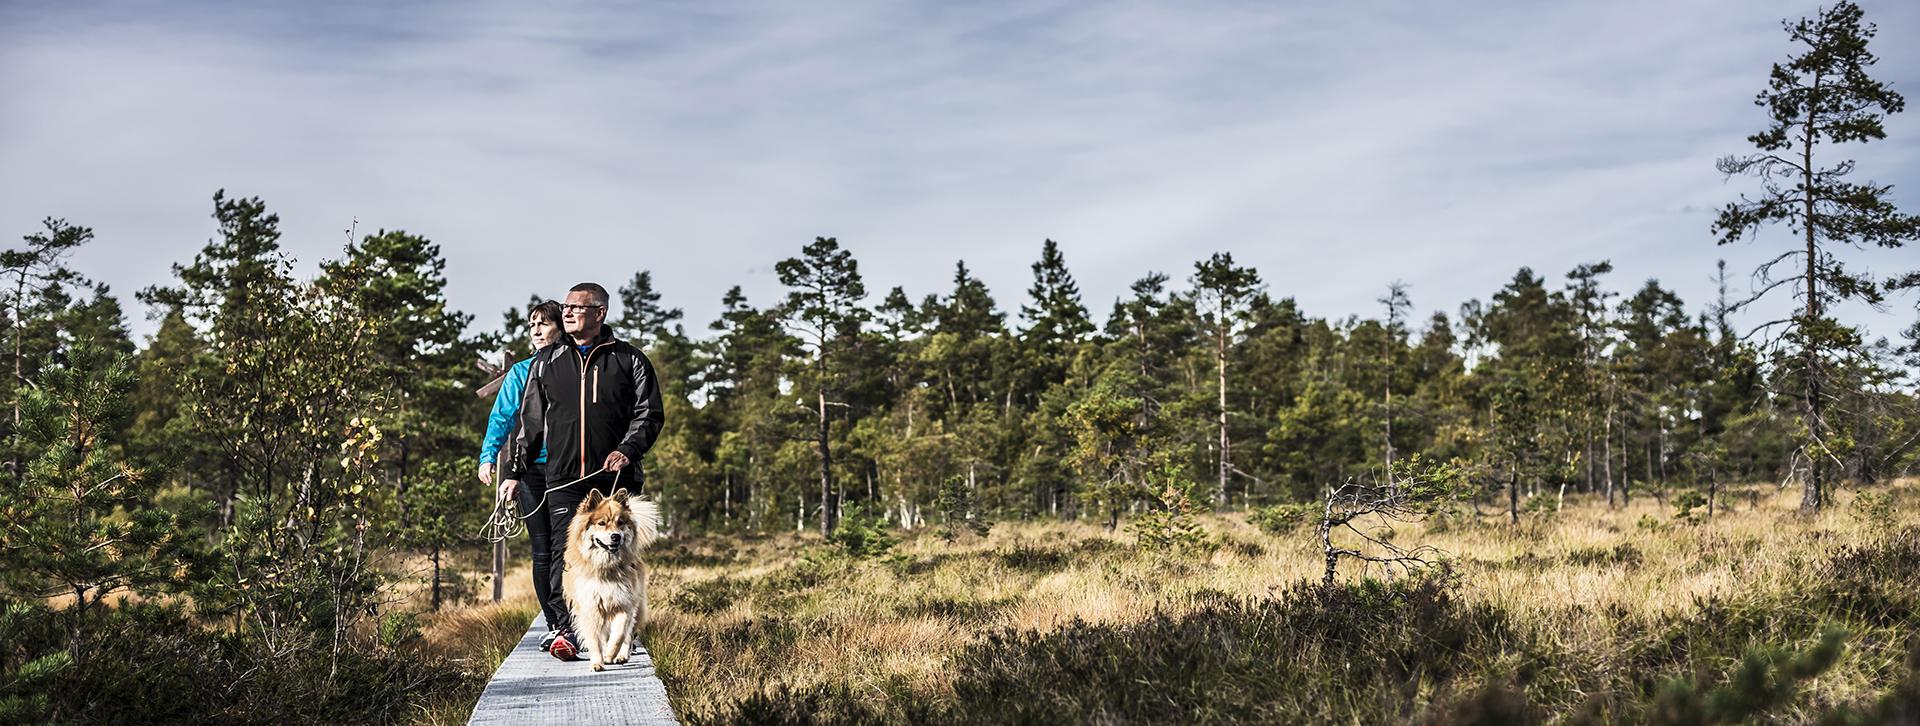 Bo i Ulricehamn - Par med hund vandrar på Komosse